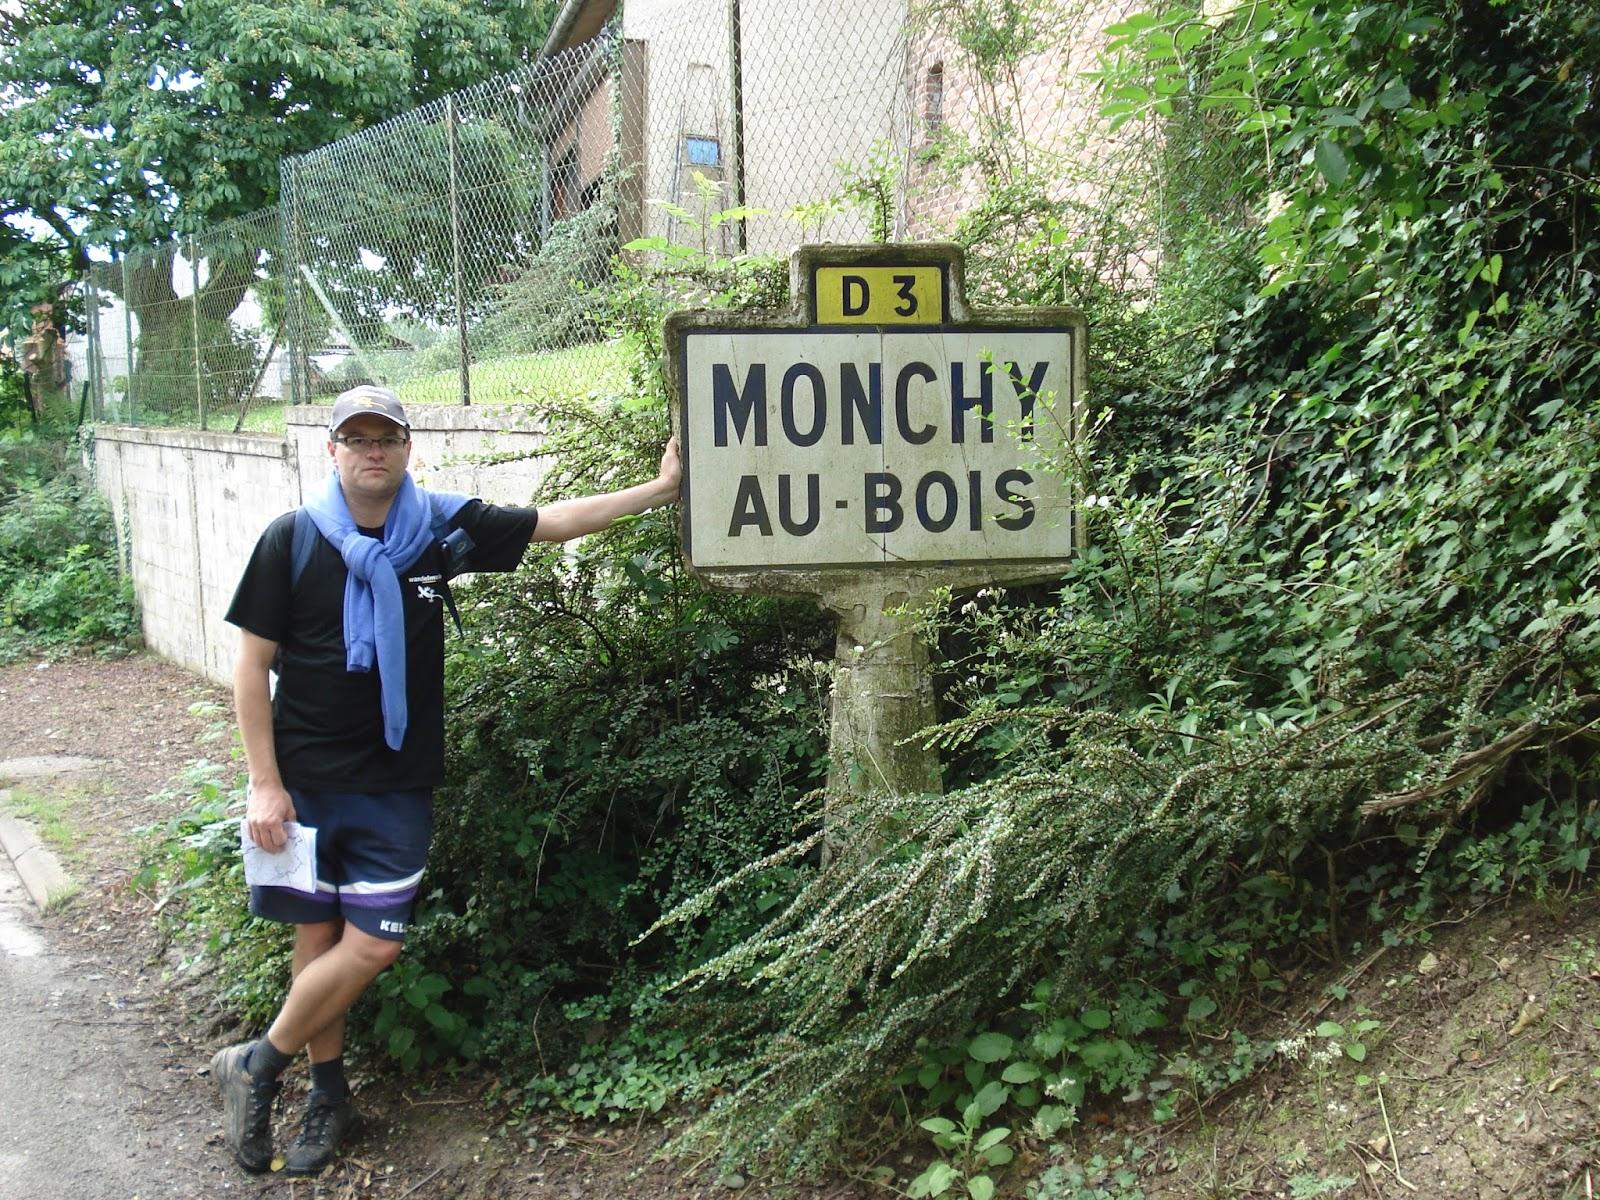 onderweg in Monchy-au-Bois